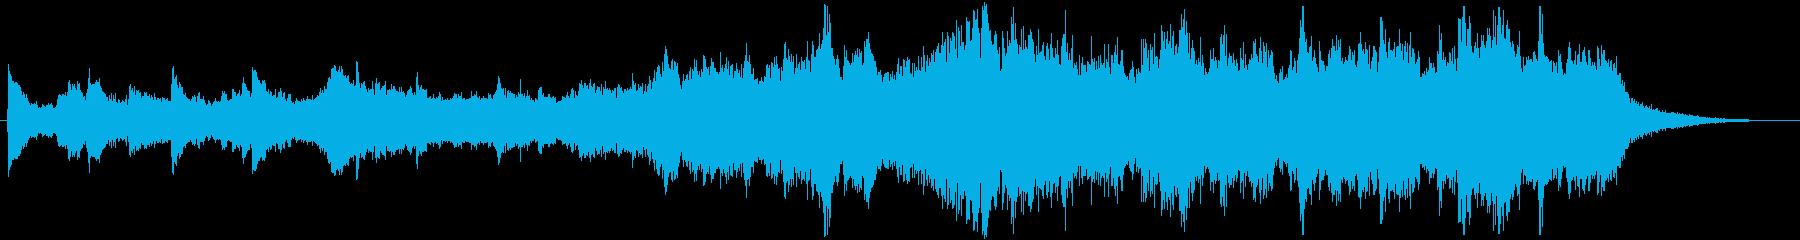 ジングル - シリアス劇伴の再生済みの波形